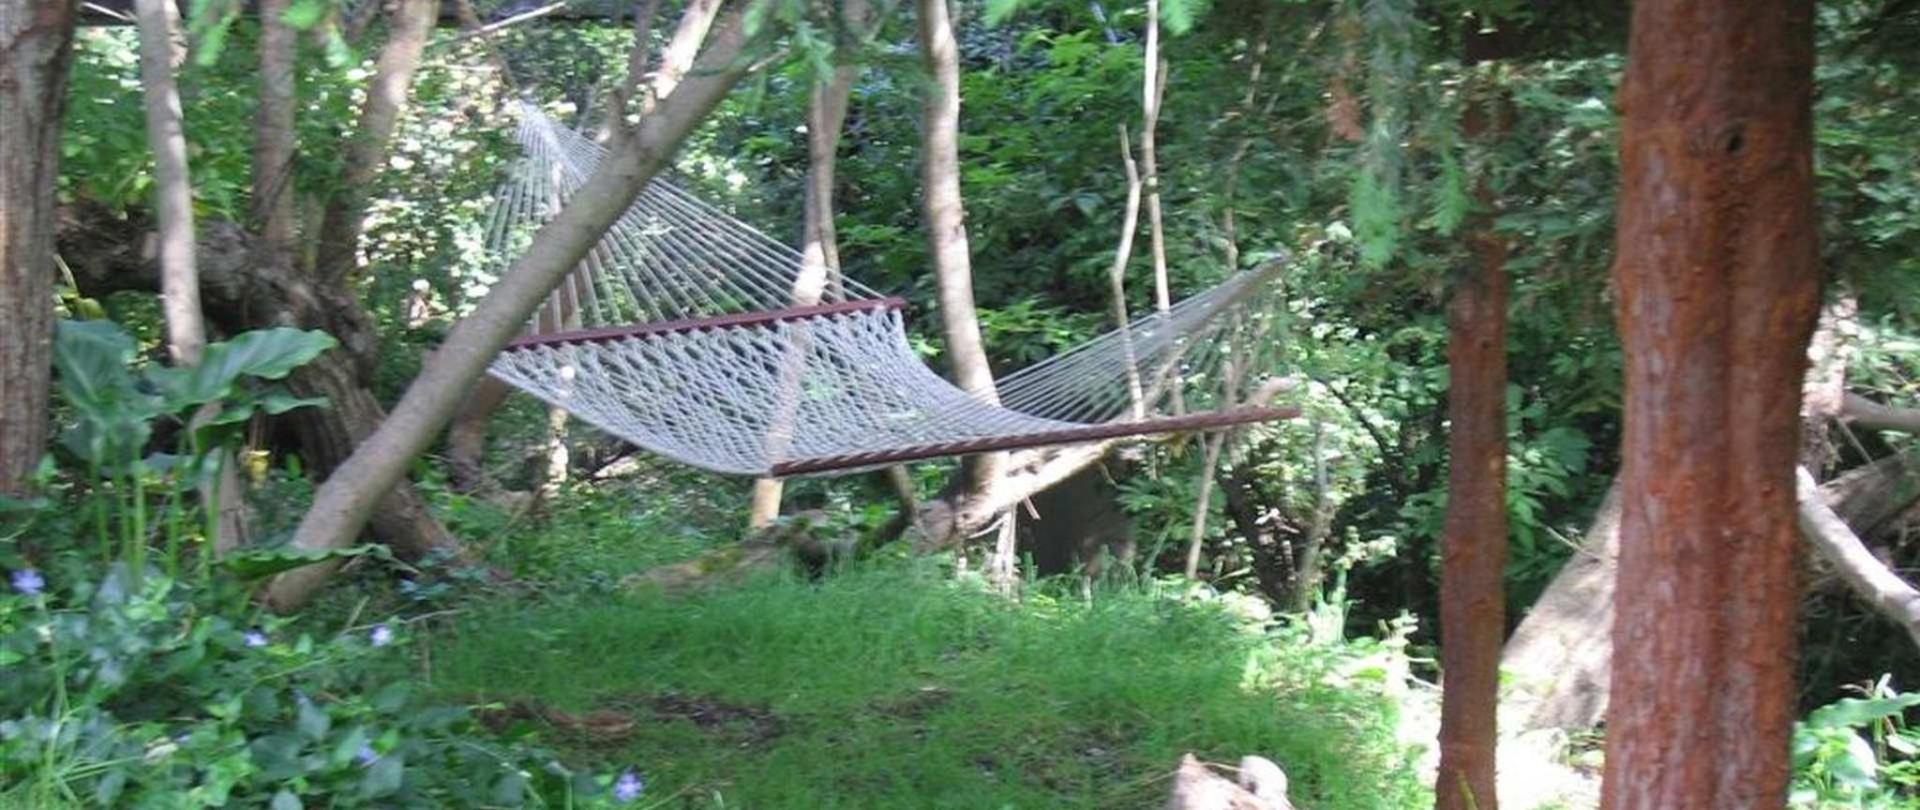 hammock1-1.JPG.1920x810_0_264_19710.jpeg.1920x0.jpeg